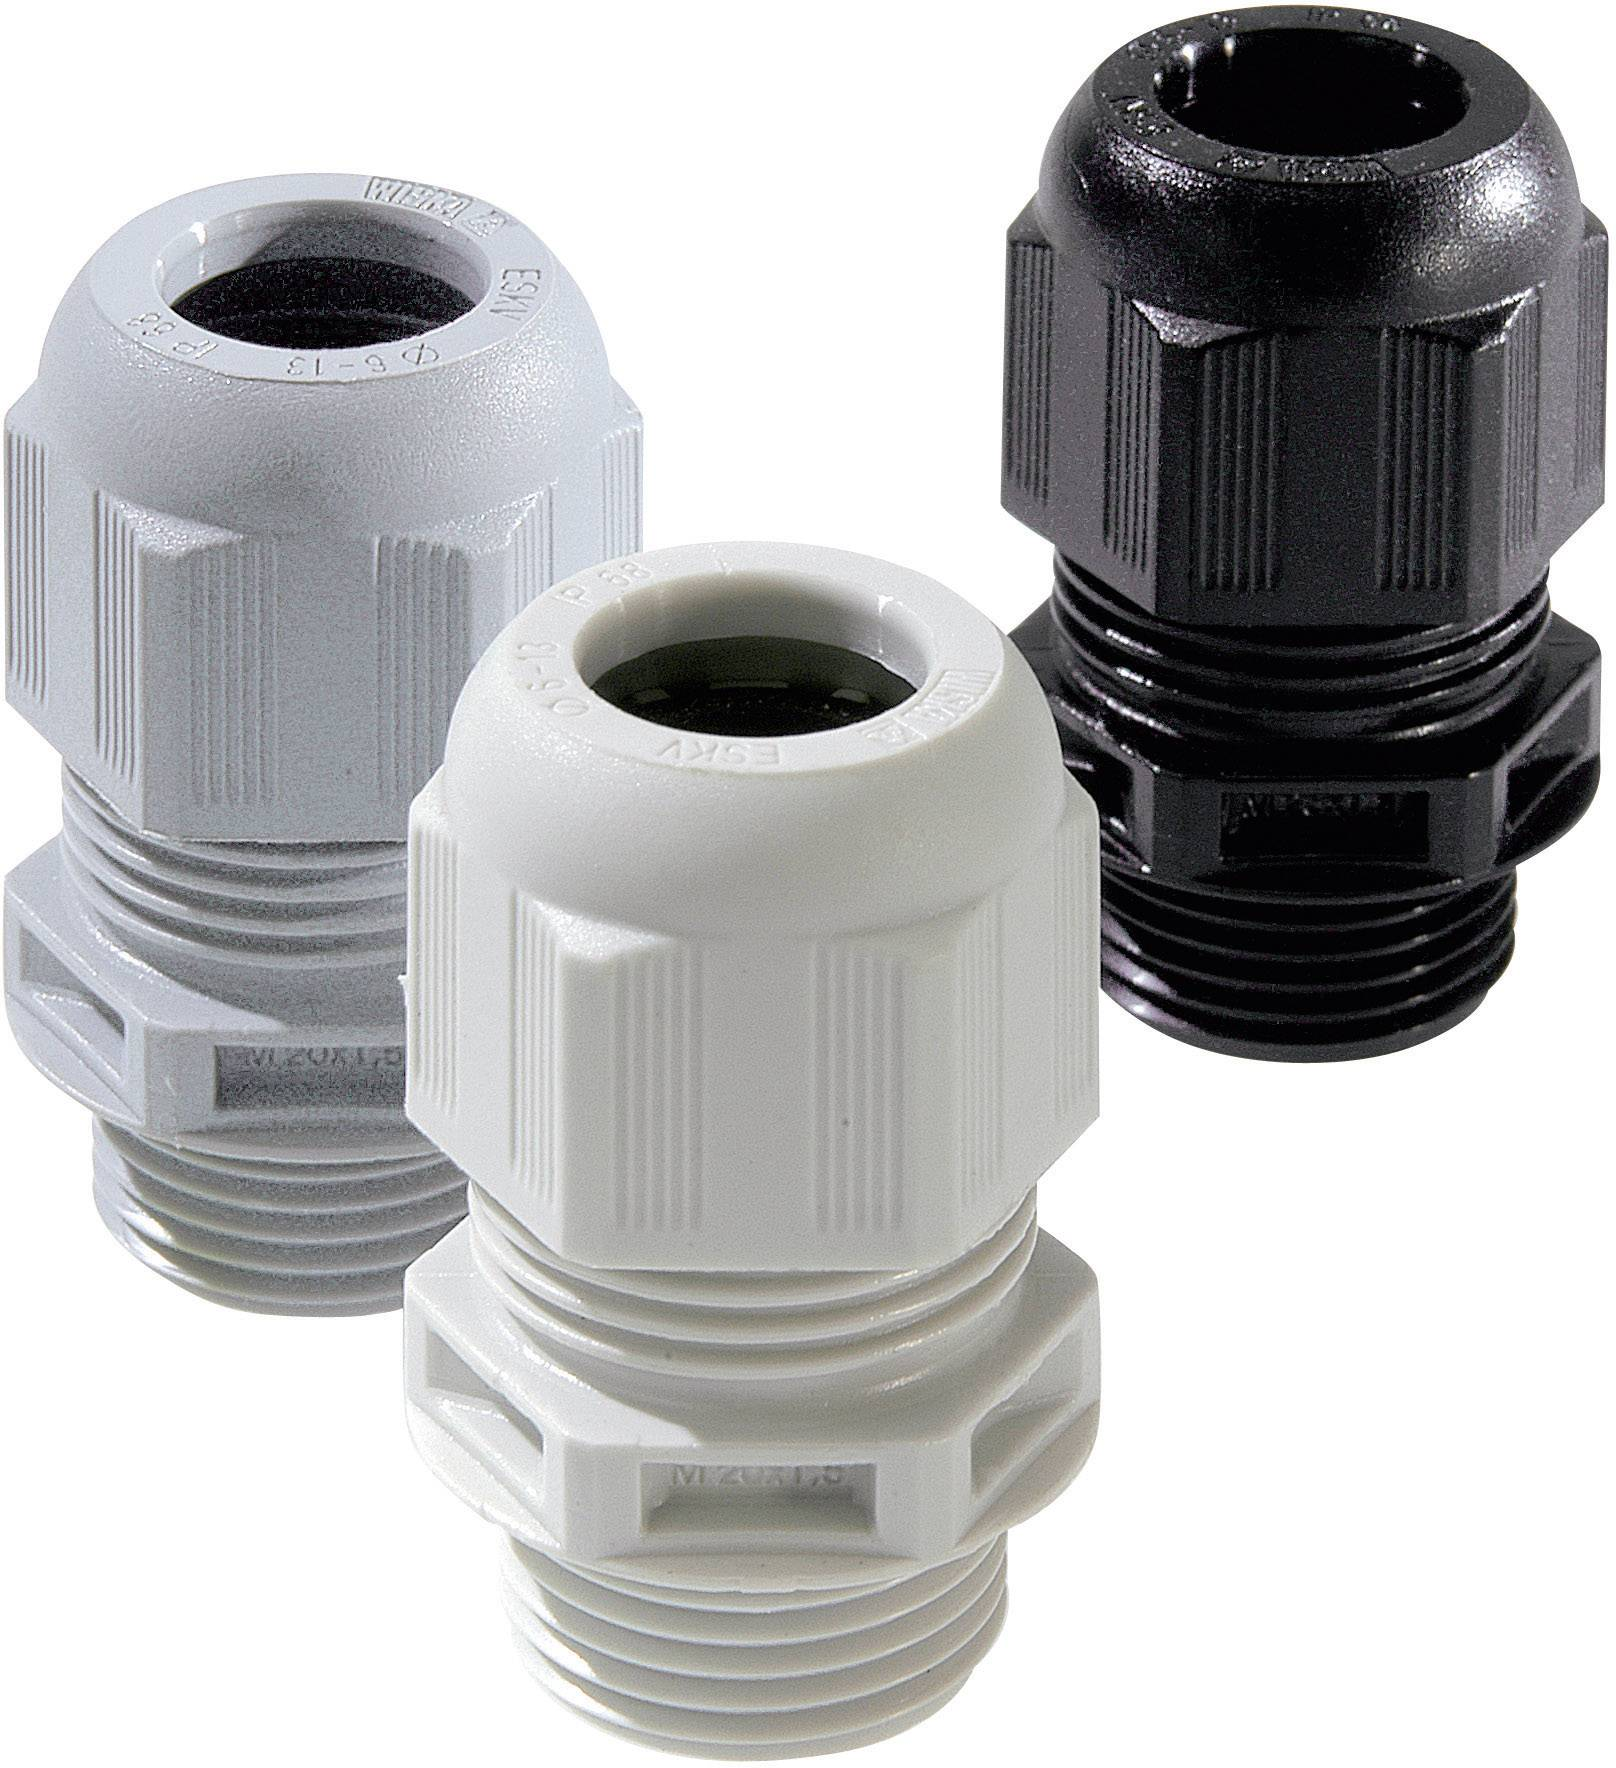 Káblová priechodka Wiska ESKV M25 RAL 9005, polyamid, čierna, 1 ks